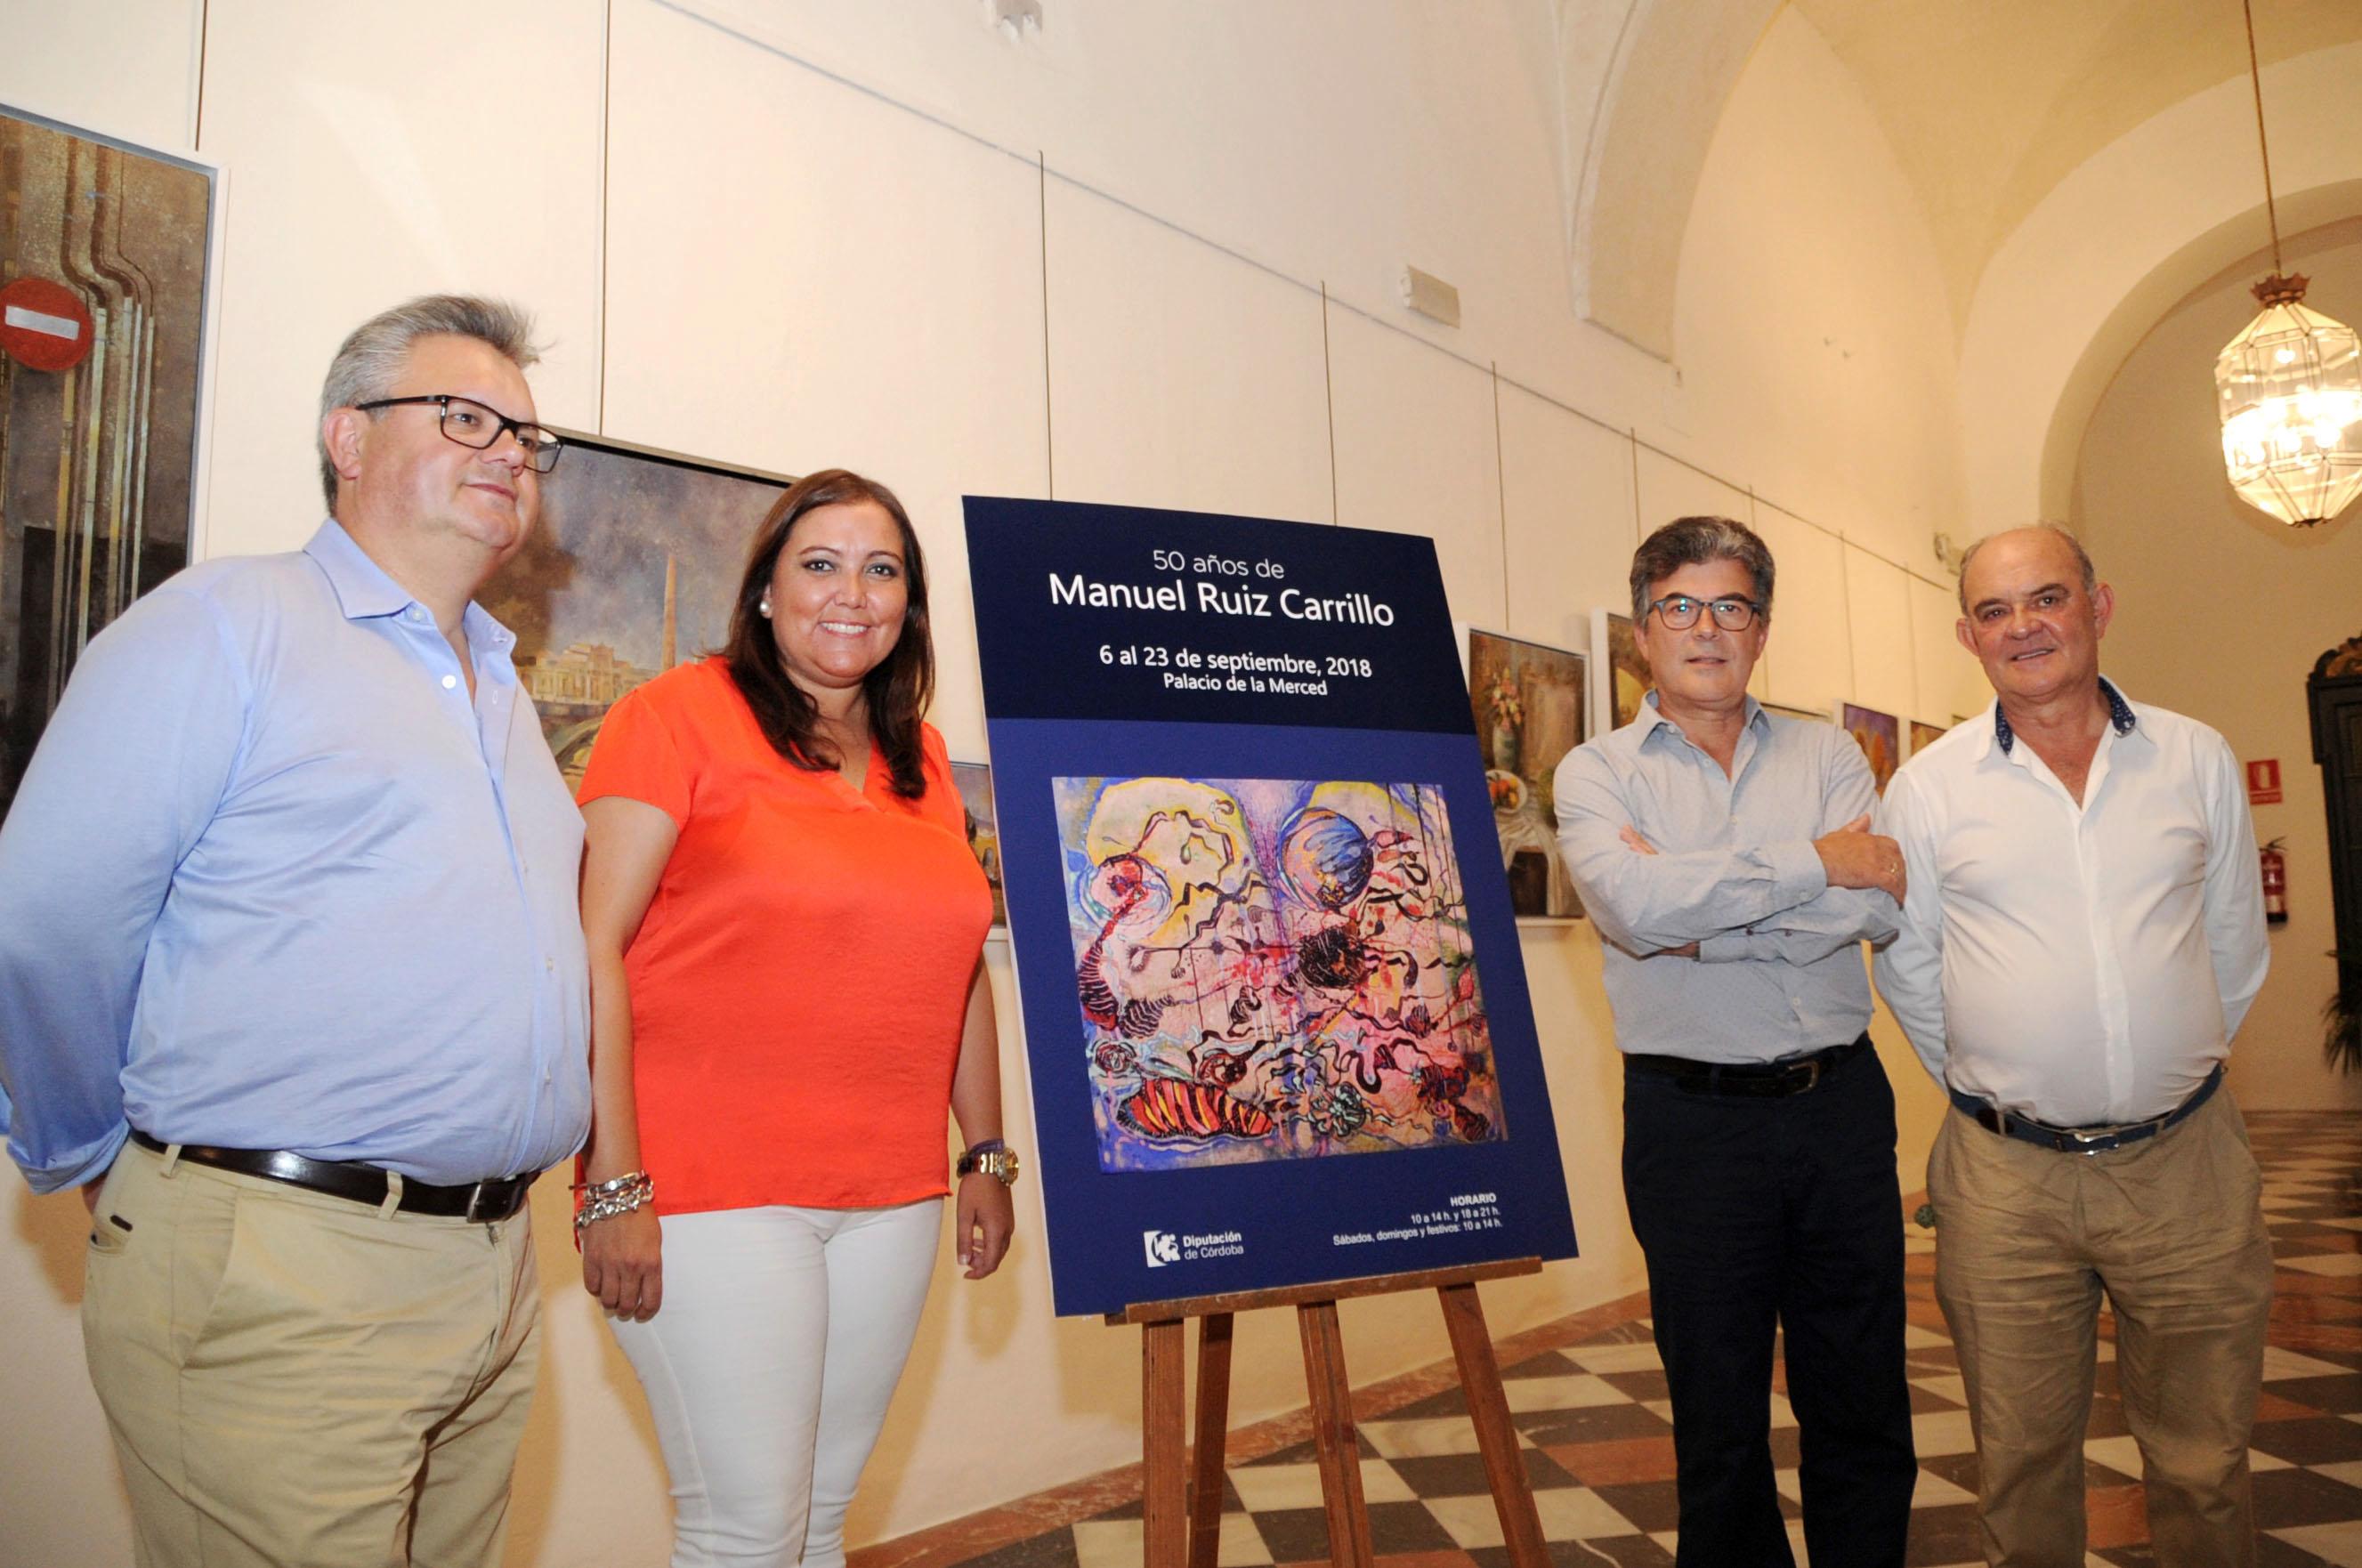 Exposición 50 años de Manuel Ruiz Carrillo